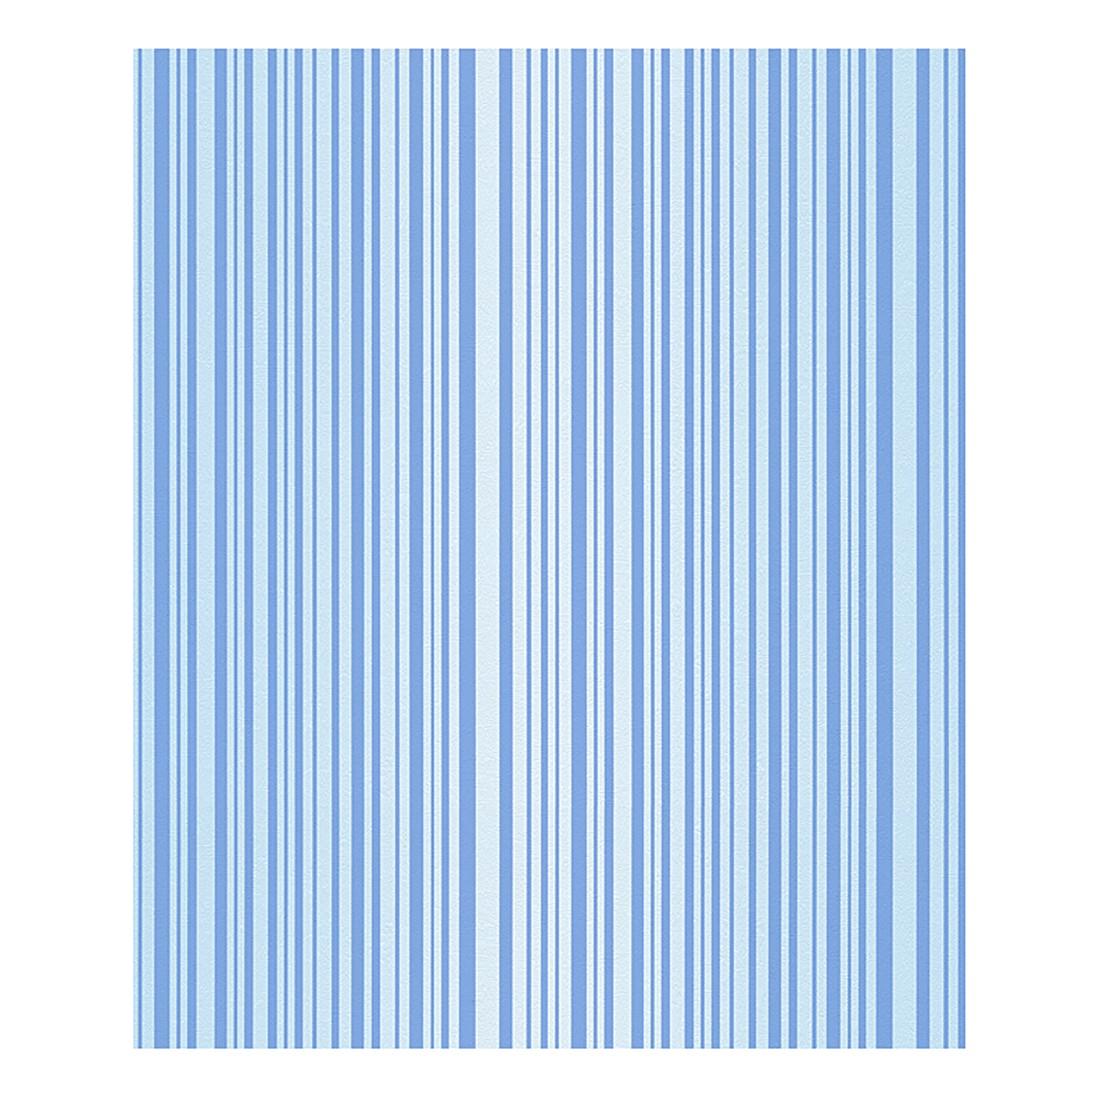 Papiertapete Biene Maya – hellblau – blau – fein strukturiert, Home24Deko günstig online kaufen